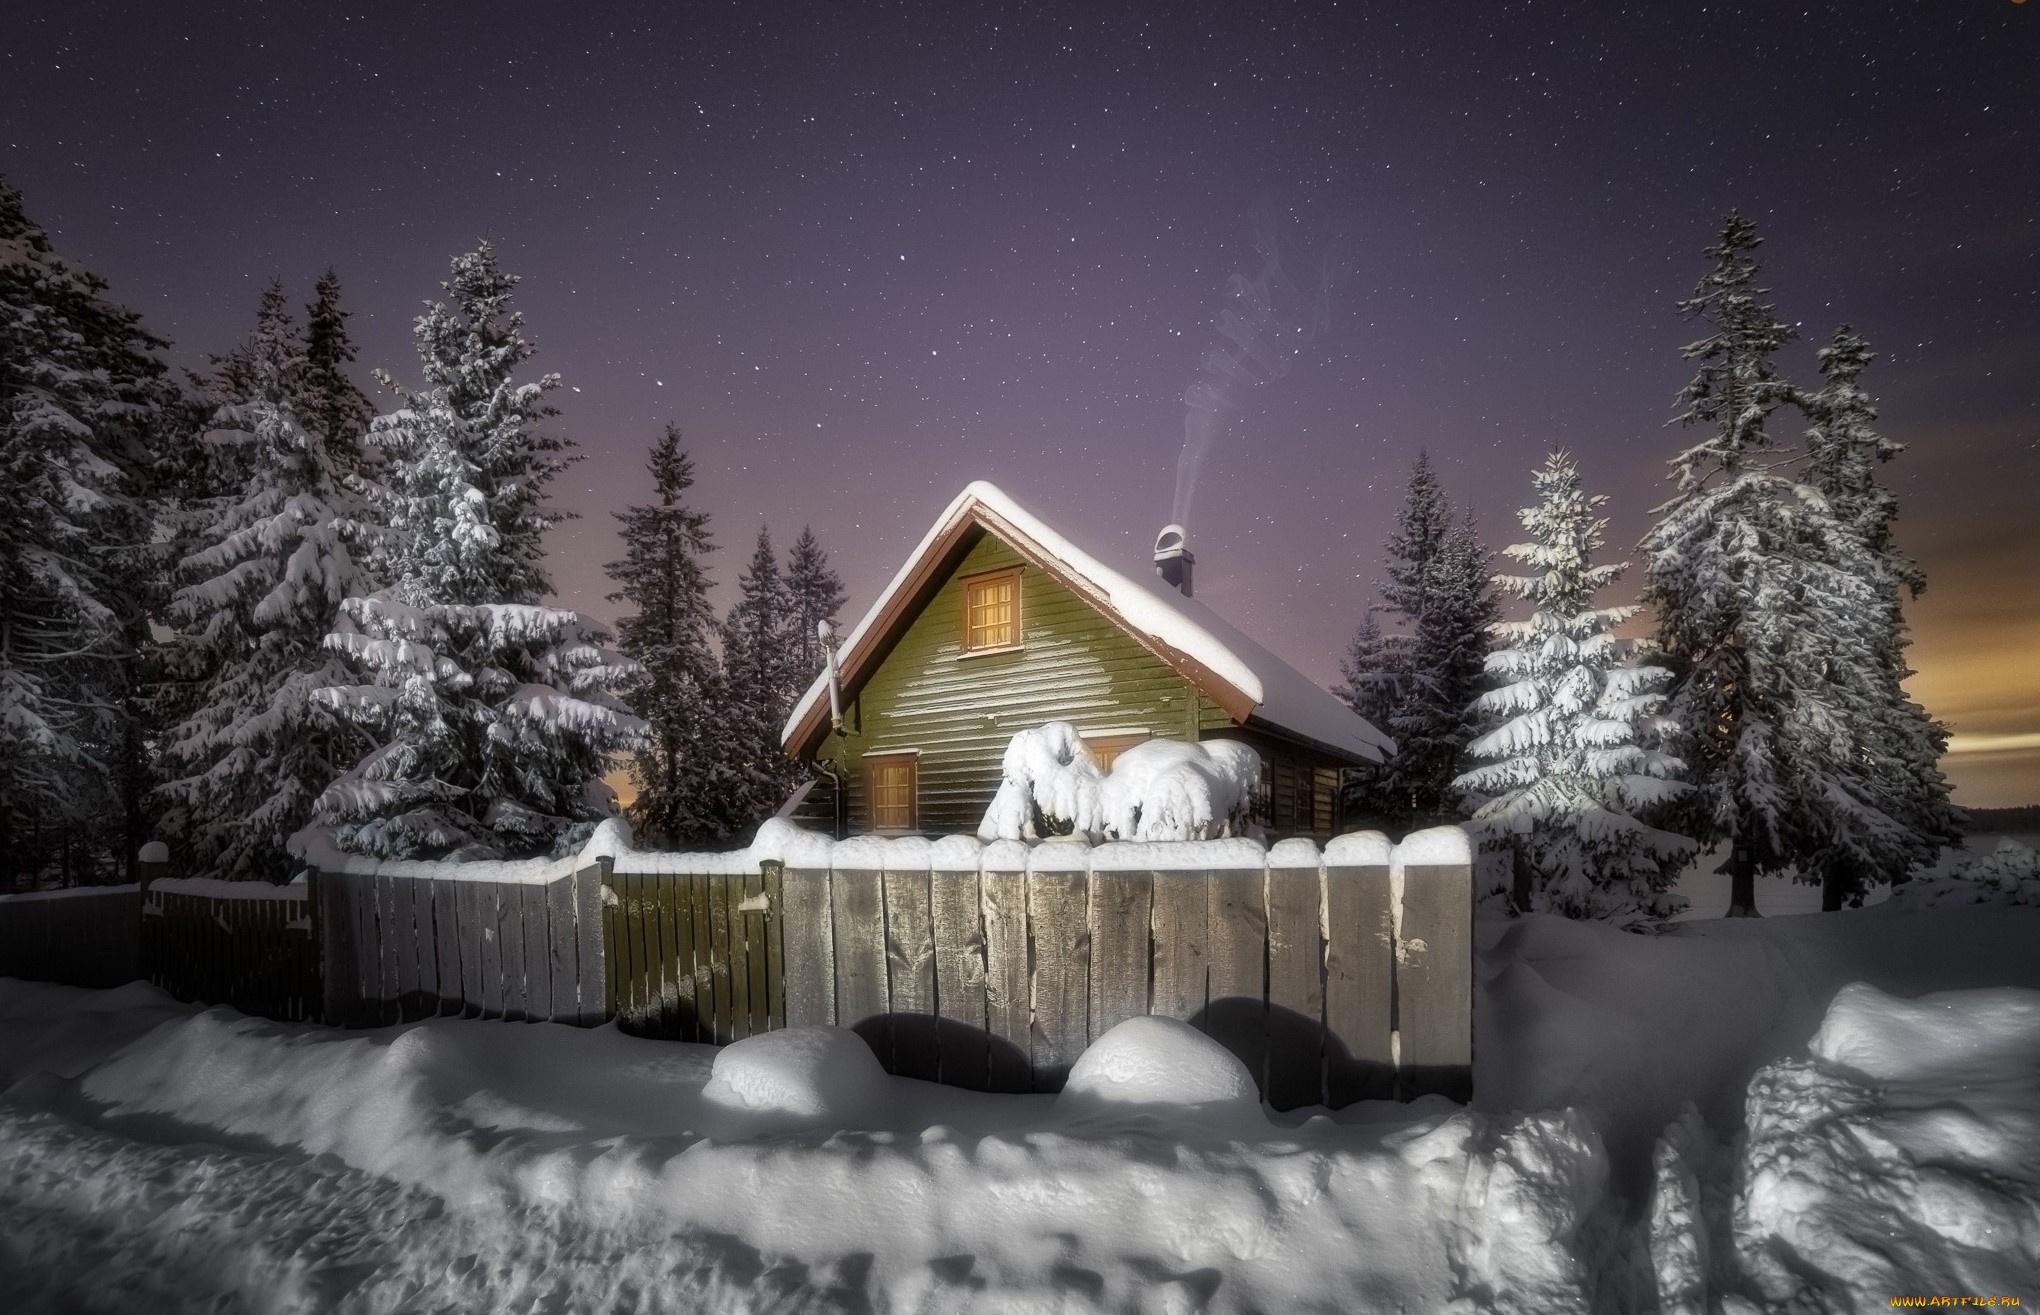 Картинки домик в снегу, картинки спасибо